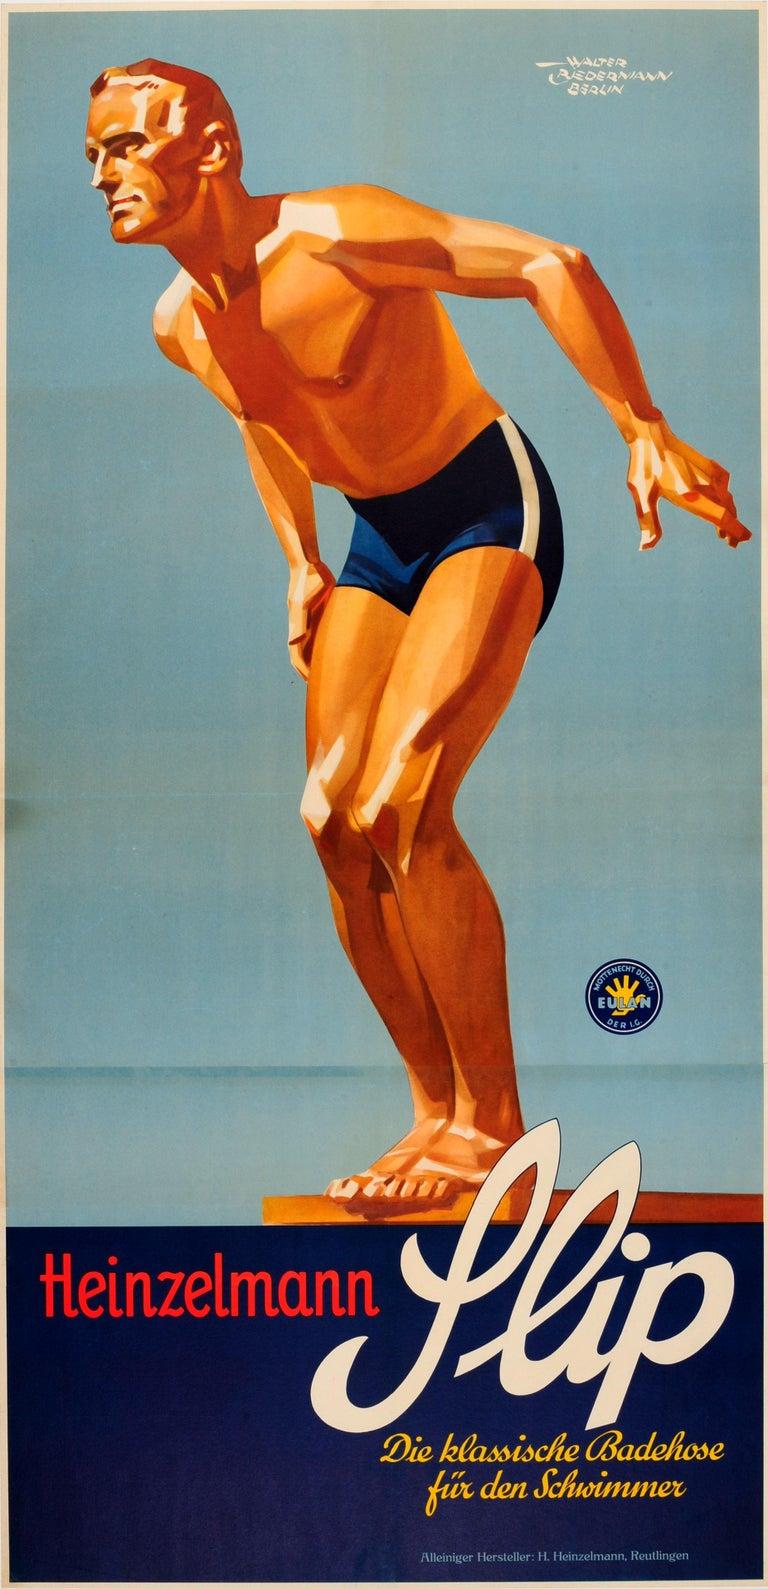 Walter Biedermann Print - Original Vintage Sport Fashion Poster For Slip Badehose Swimming Trunks Ft Diver